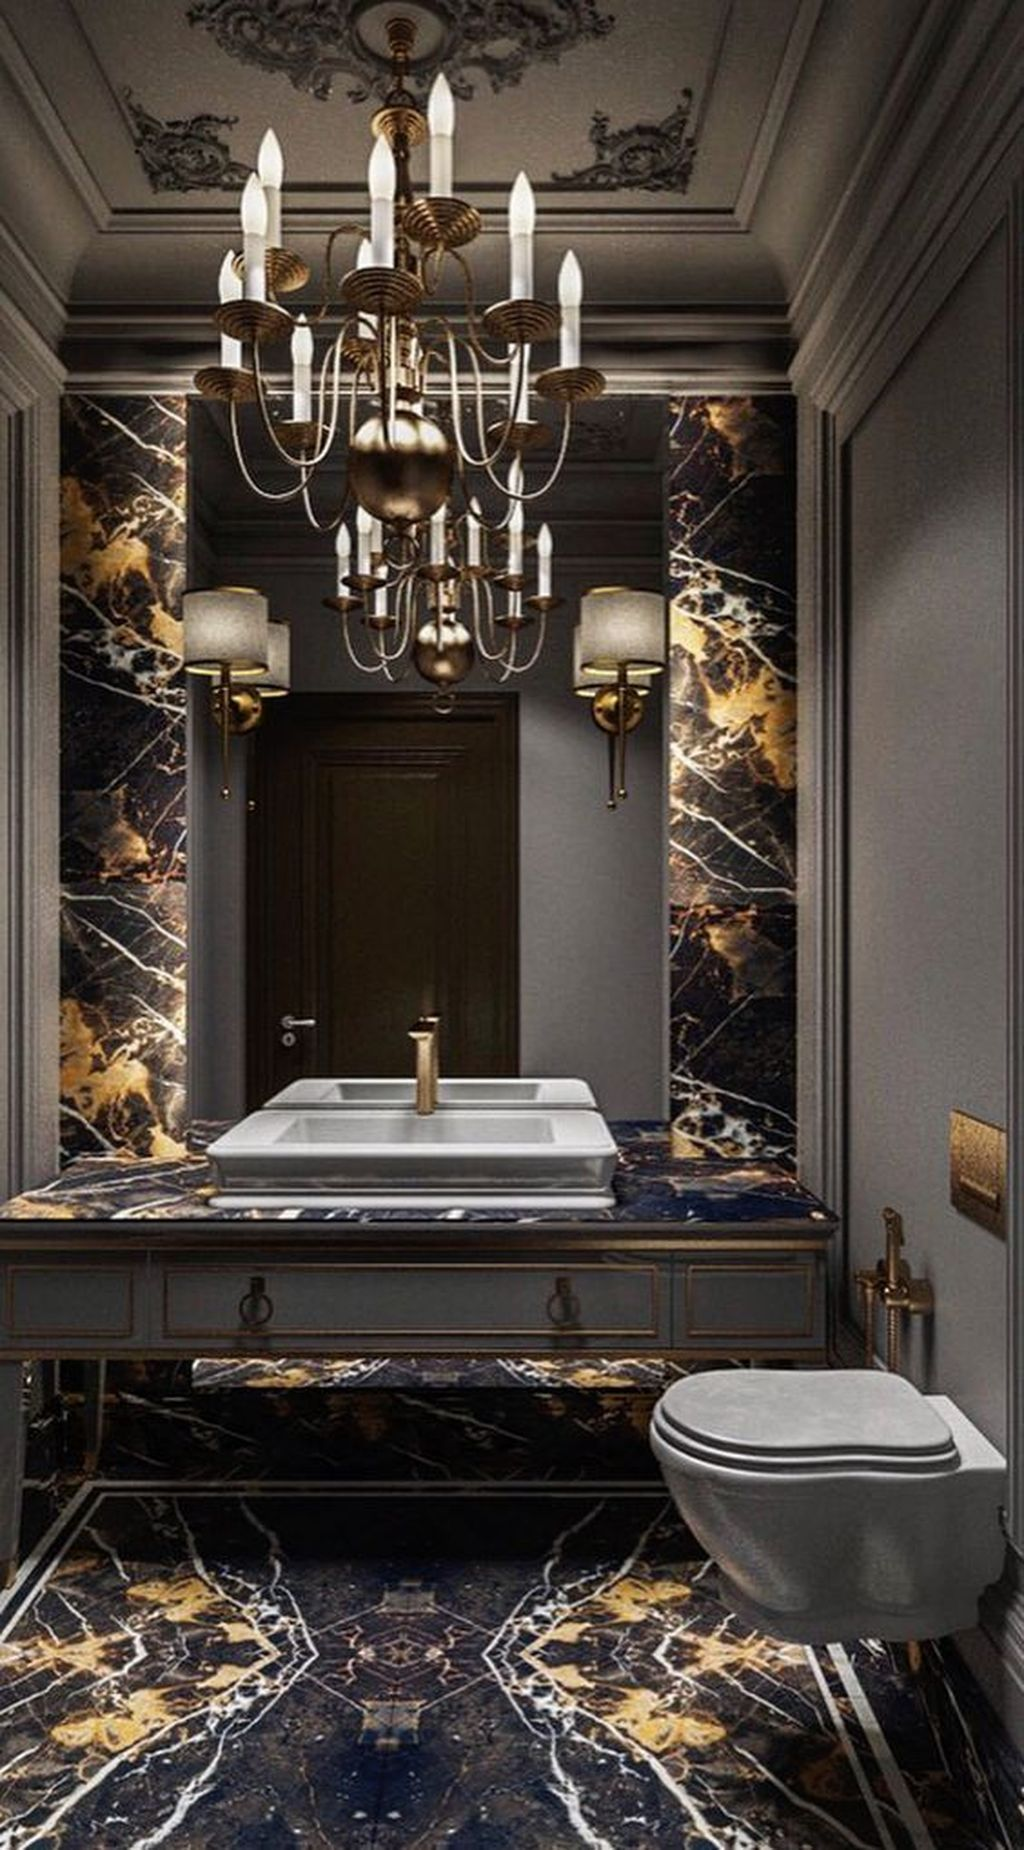 48 Stunning Black Marble Bathroom Design Ideas Fancybathroomideas Black Marble Bathroom Elegant Bathroom Marble Bathroom Designs